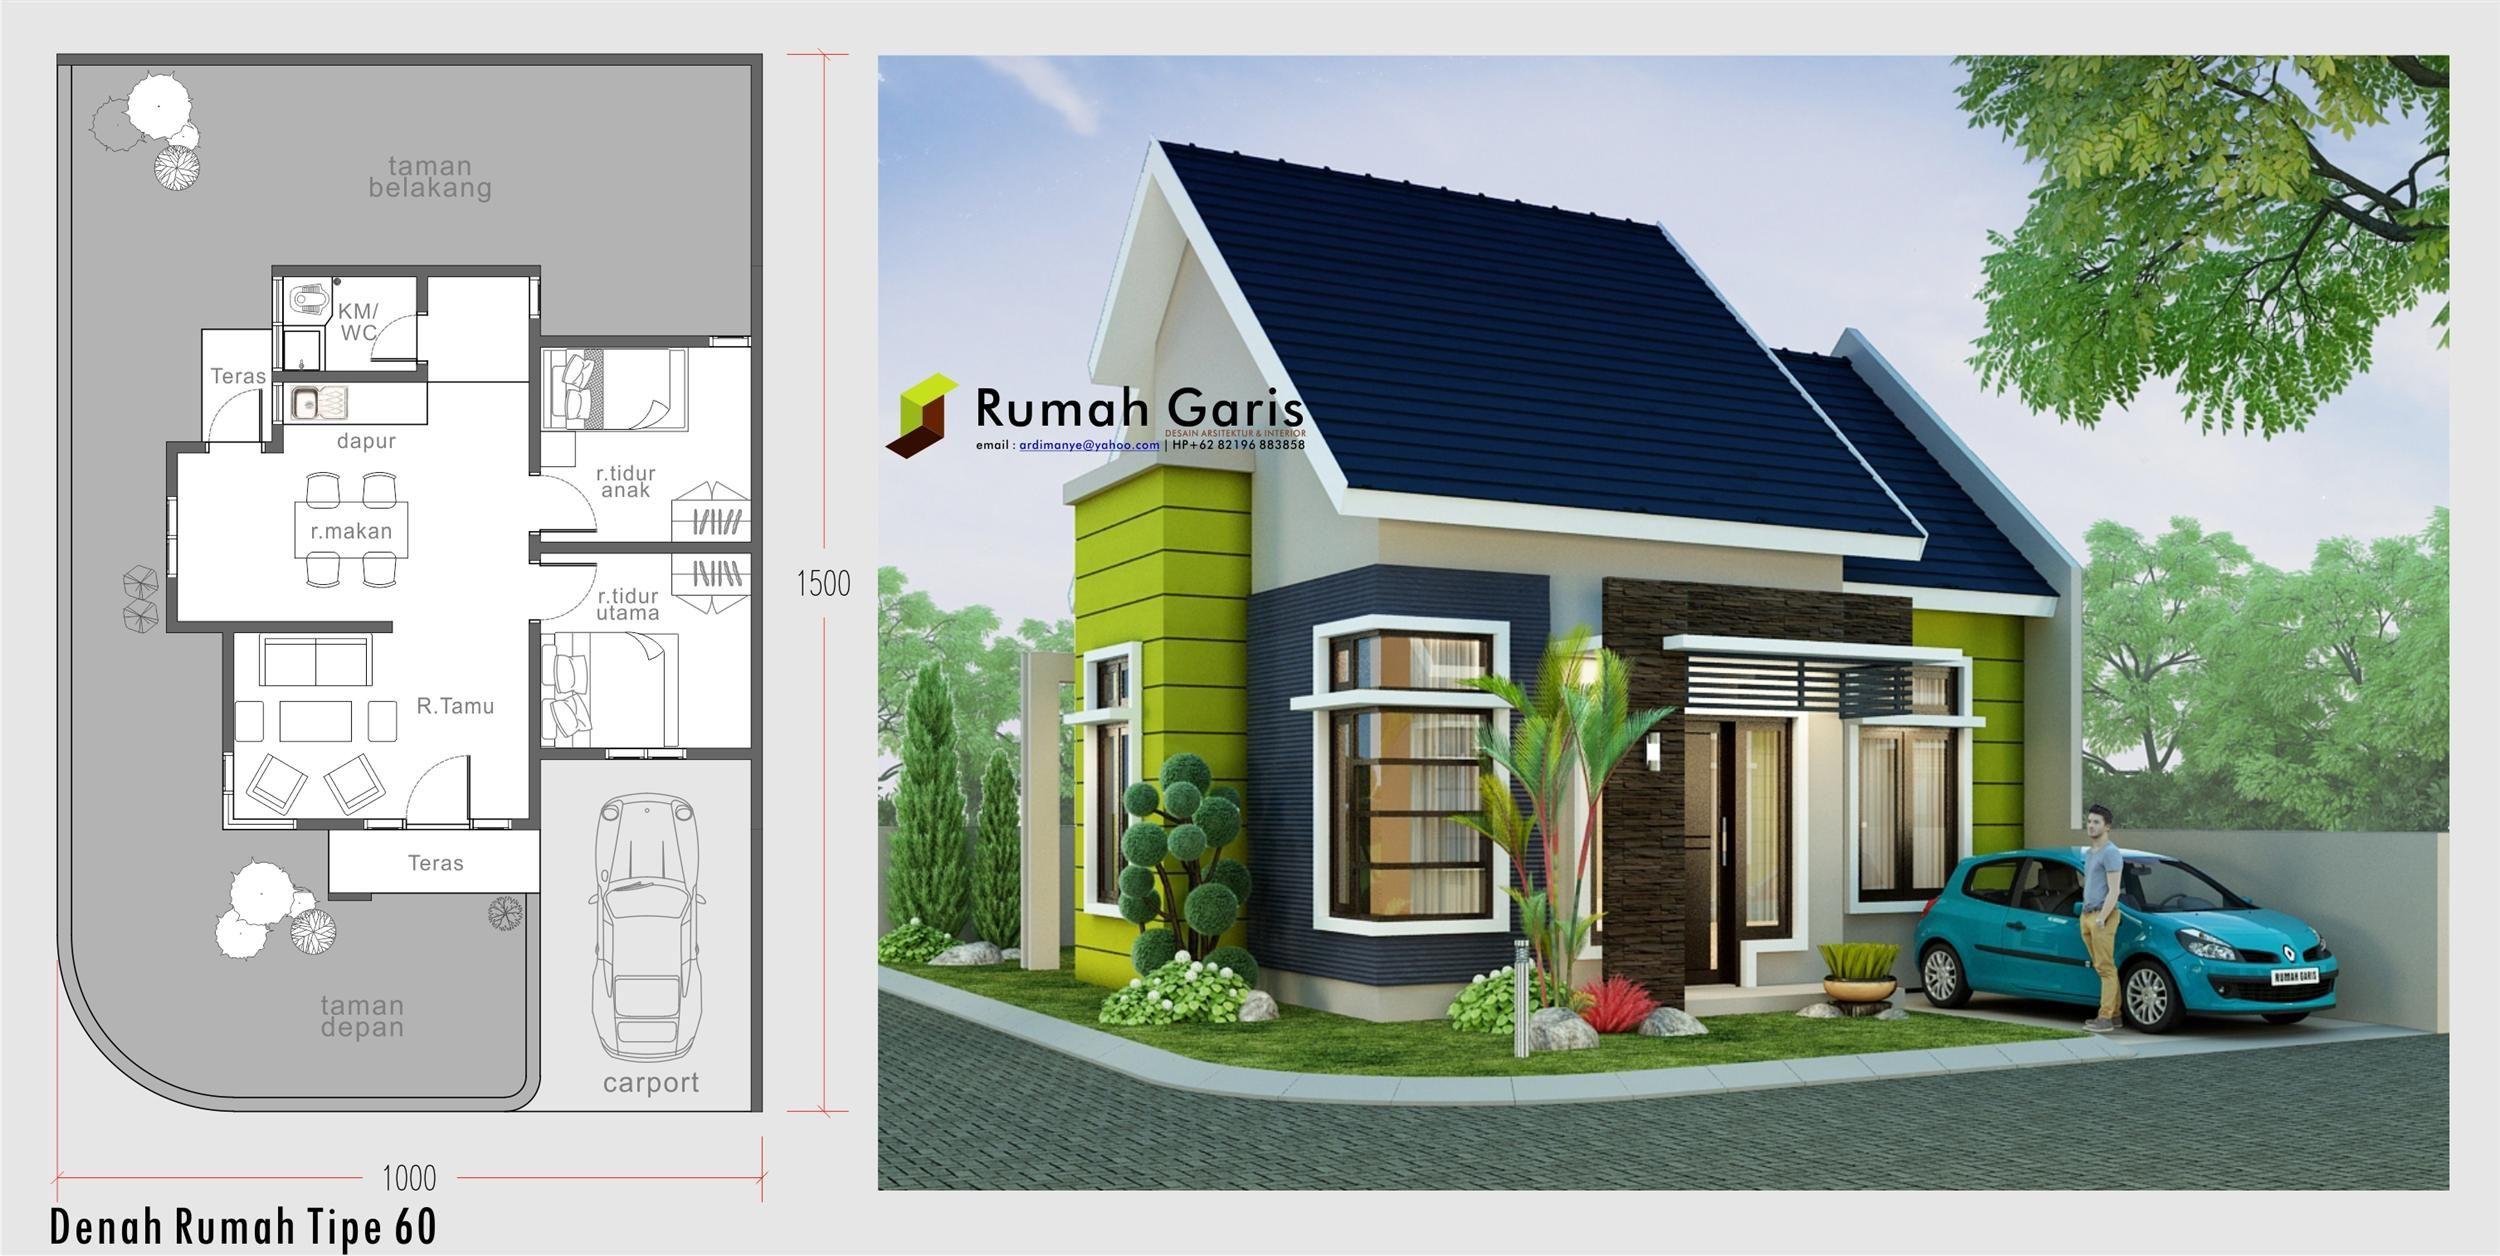 Desain Rumah Luas Tanah 60